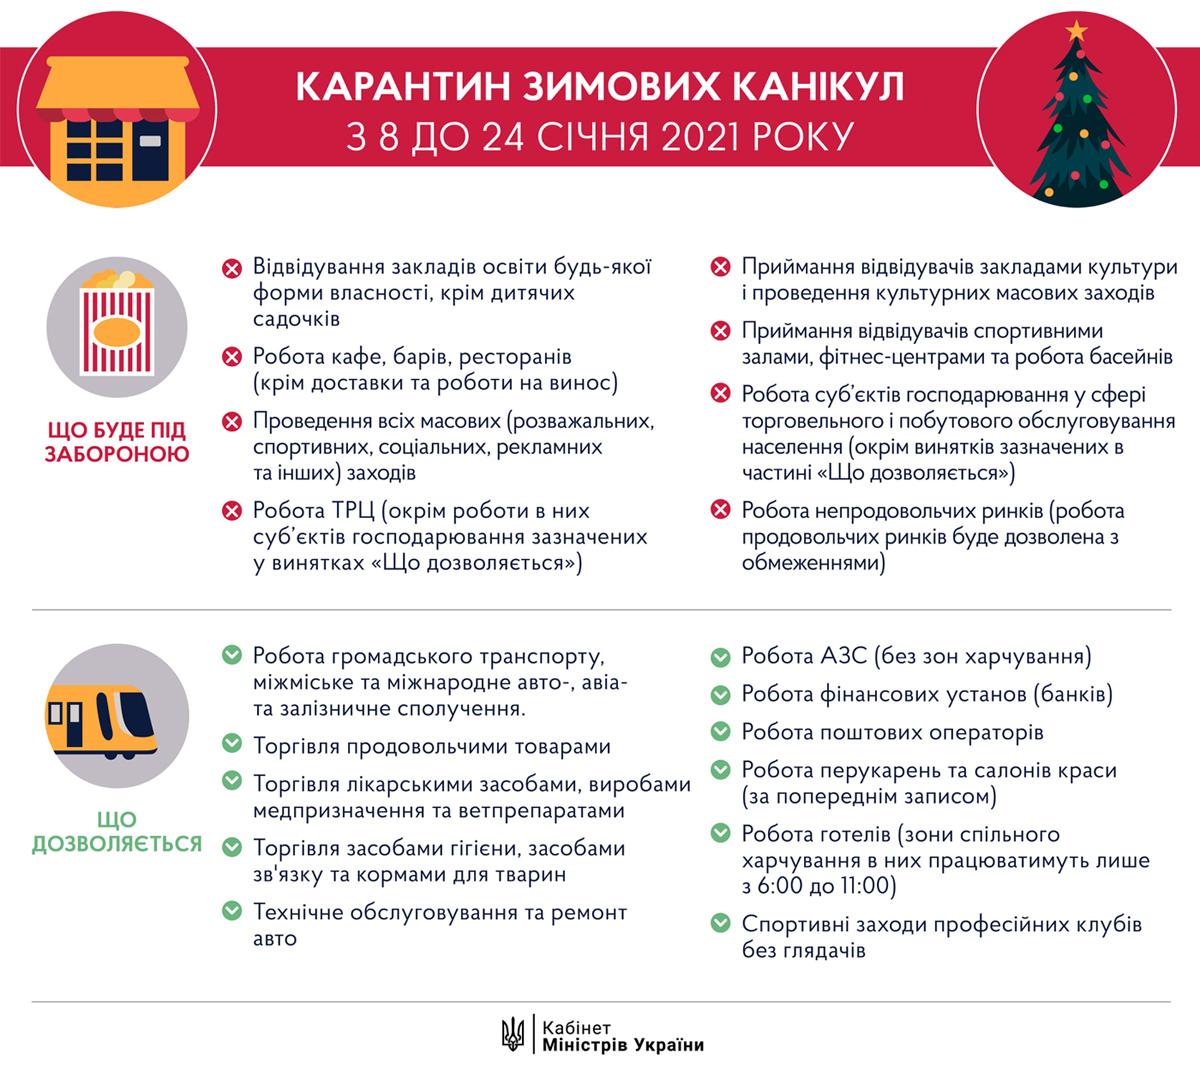 Инфографика – пресс-служба Кабмина